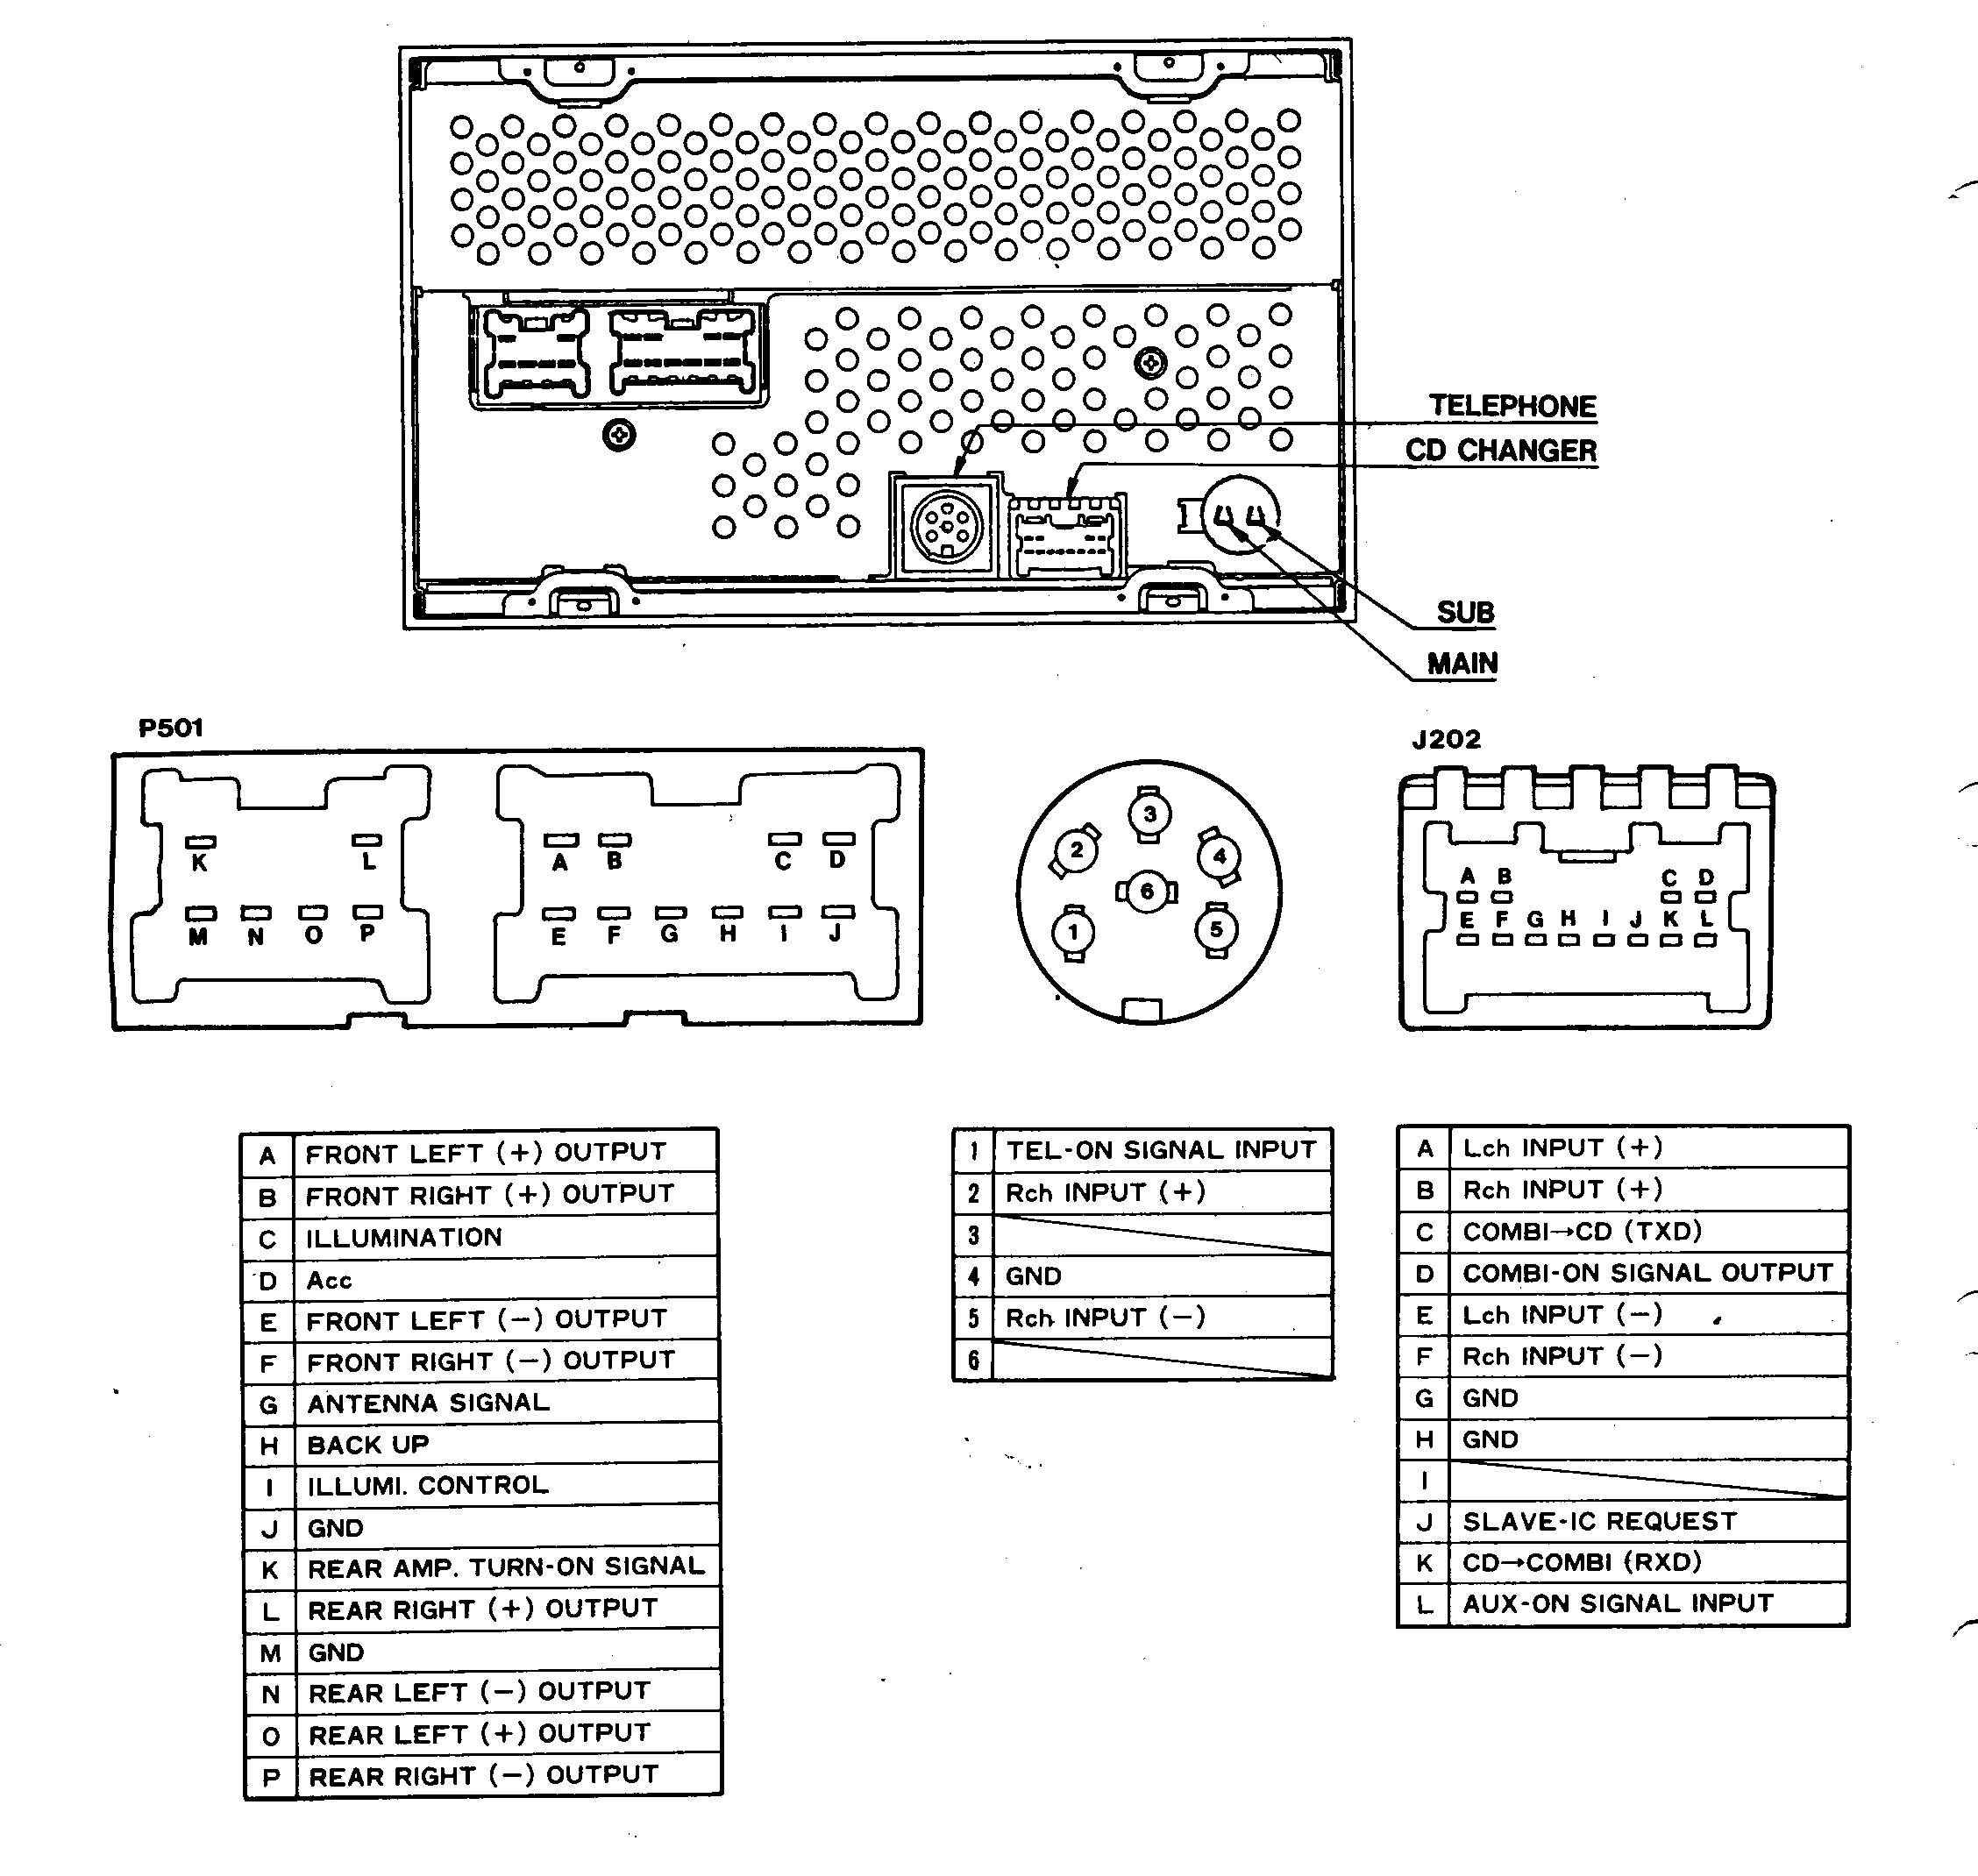 Peachy 2005 Avalanche Bose Audio System Wiring Diagram Basic Electronics Wiring Cloud Xortanetembamohammedshrineorg